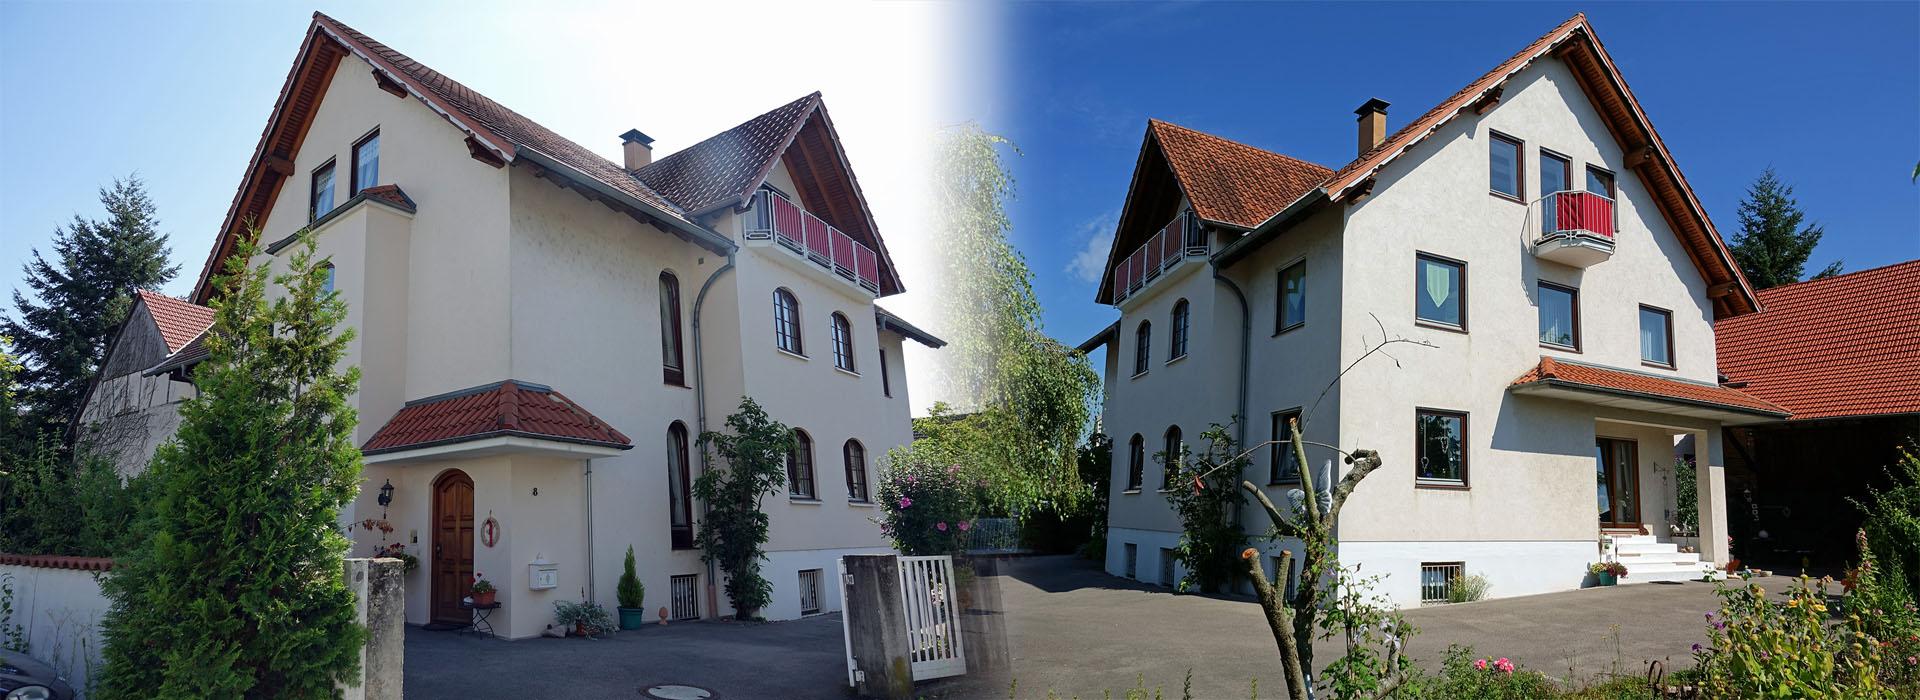 Landhaus.